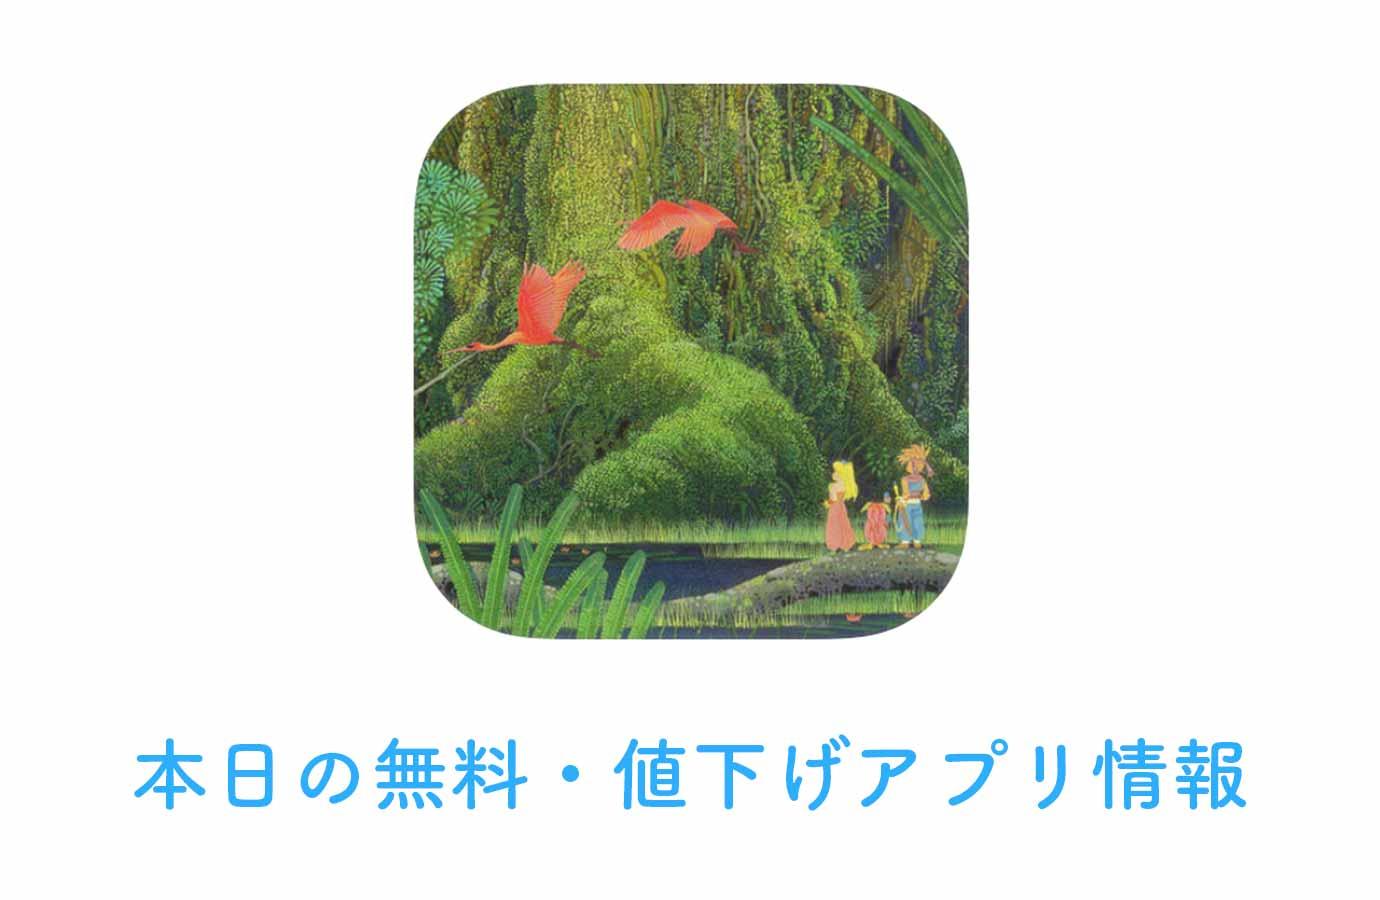 【50%オフ】名作アクションRPG「聖剣伝説2」など【2/2】本日の無料・値下げアプリ情報